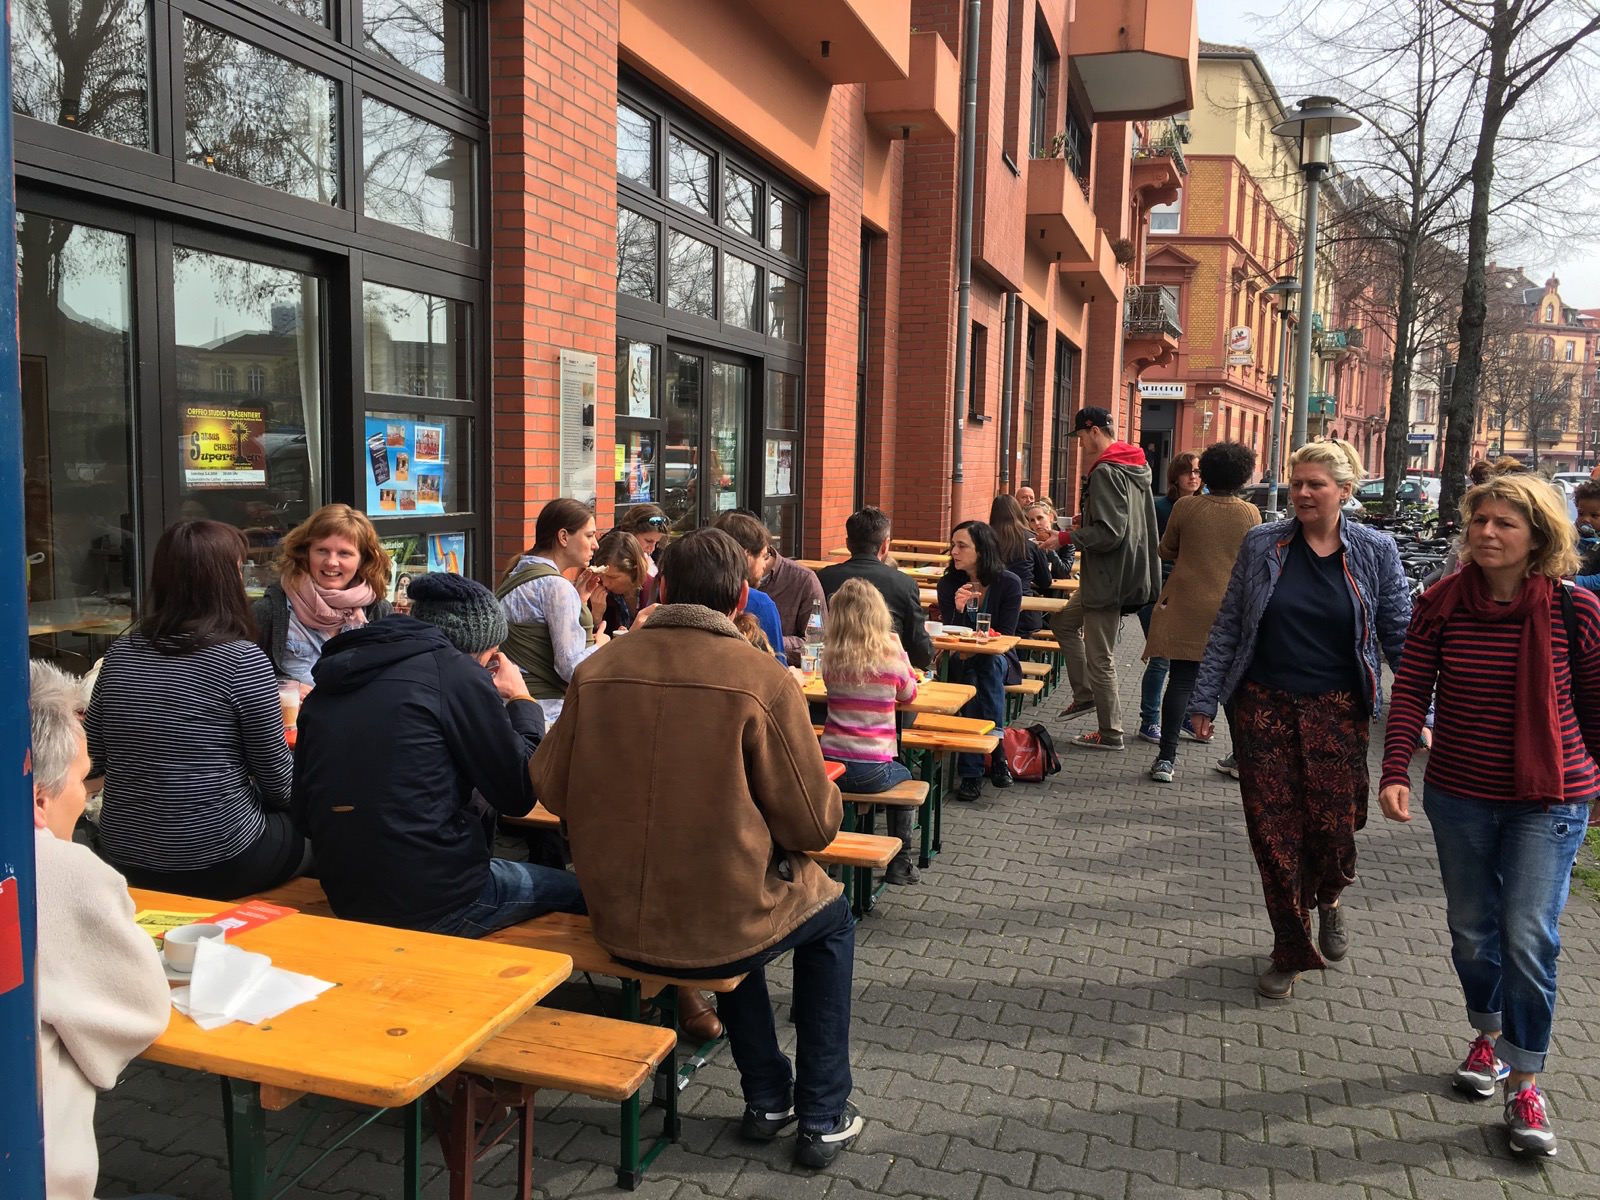 Bei herrlichem Frühlingswetter mit sommerlichen Temperaturen konnte der erste Kiez Brunch 2016 im Freien eröffnet werden | Foto: Nasrin Mir Shakkeh